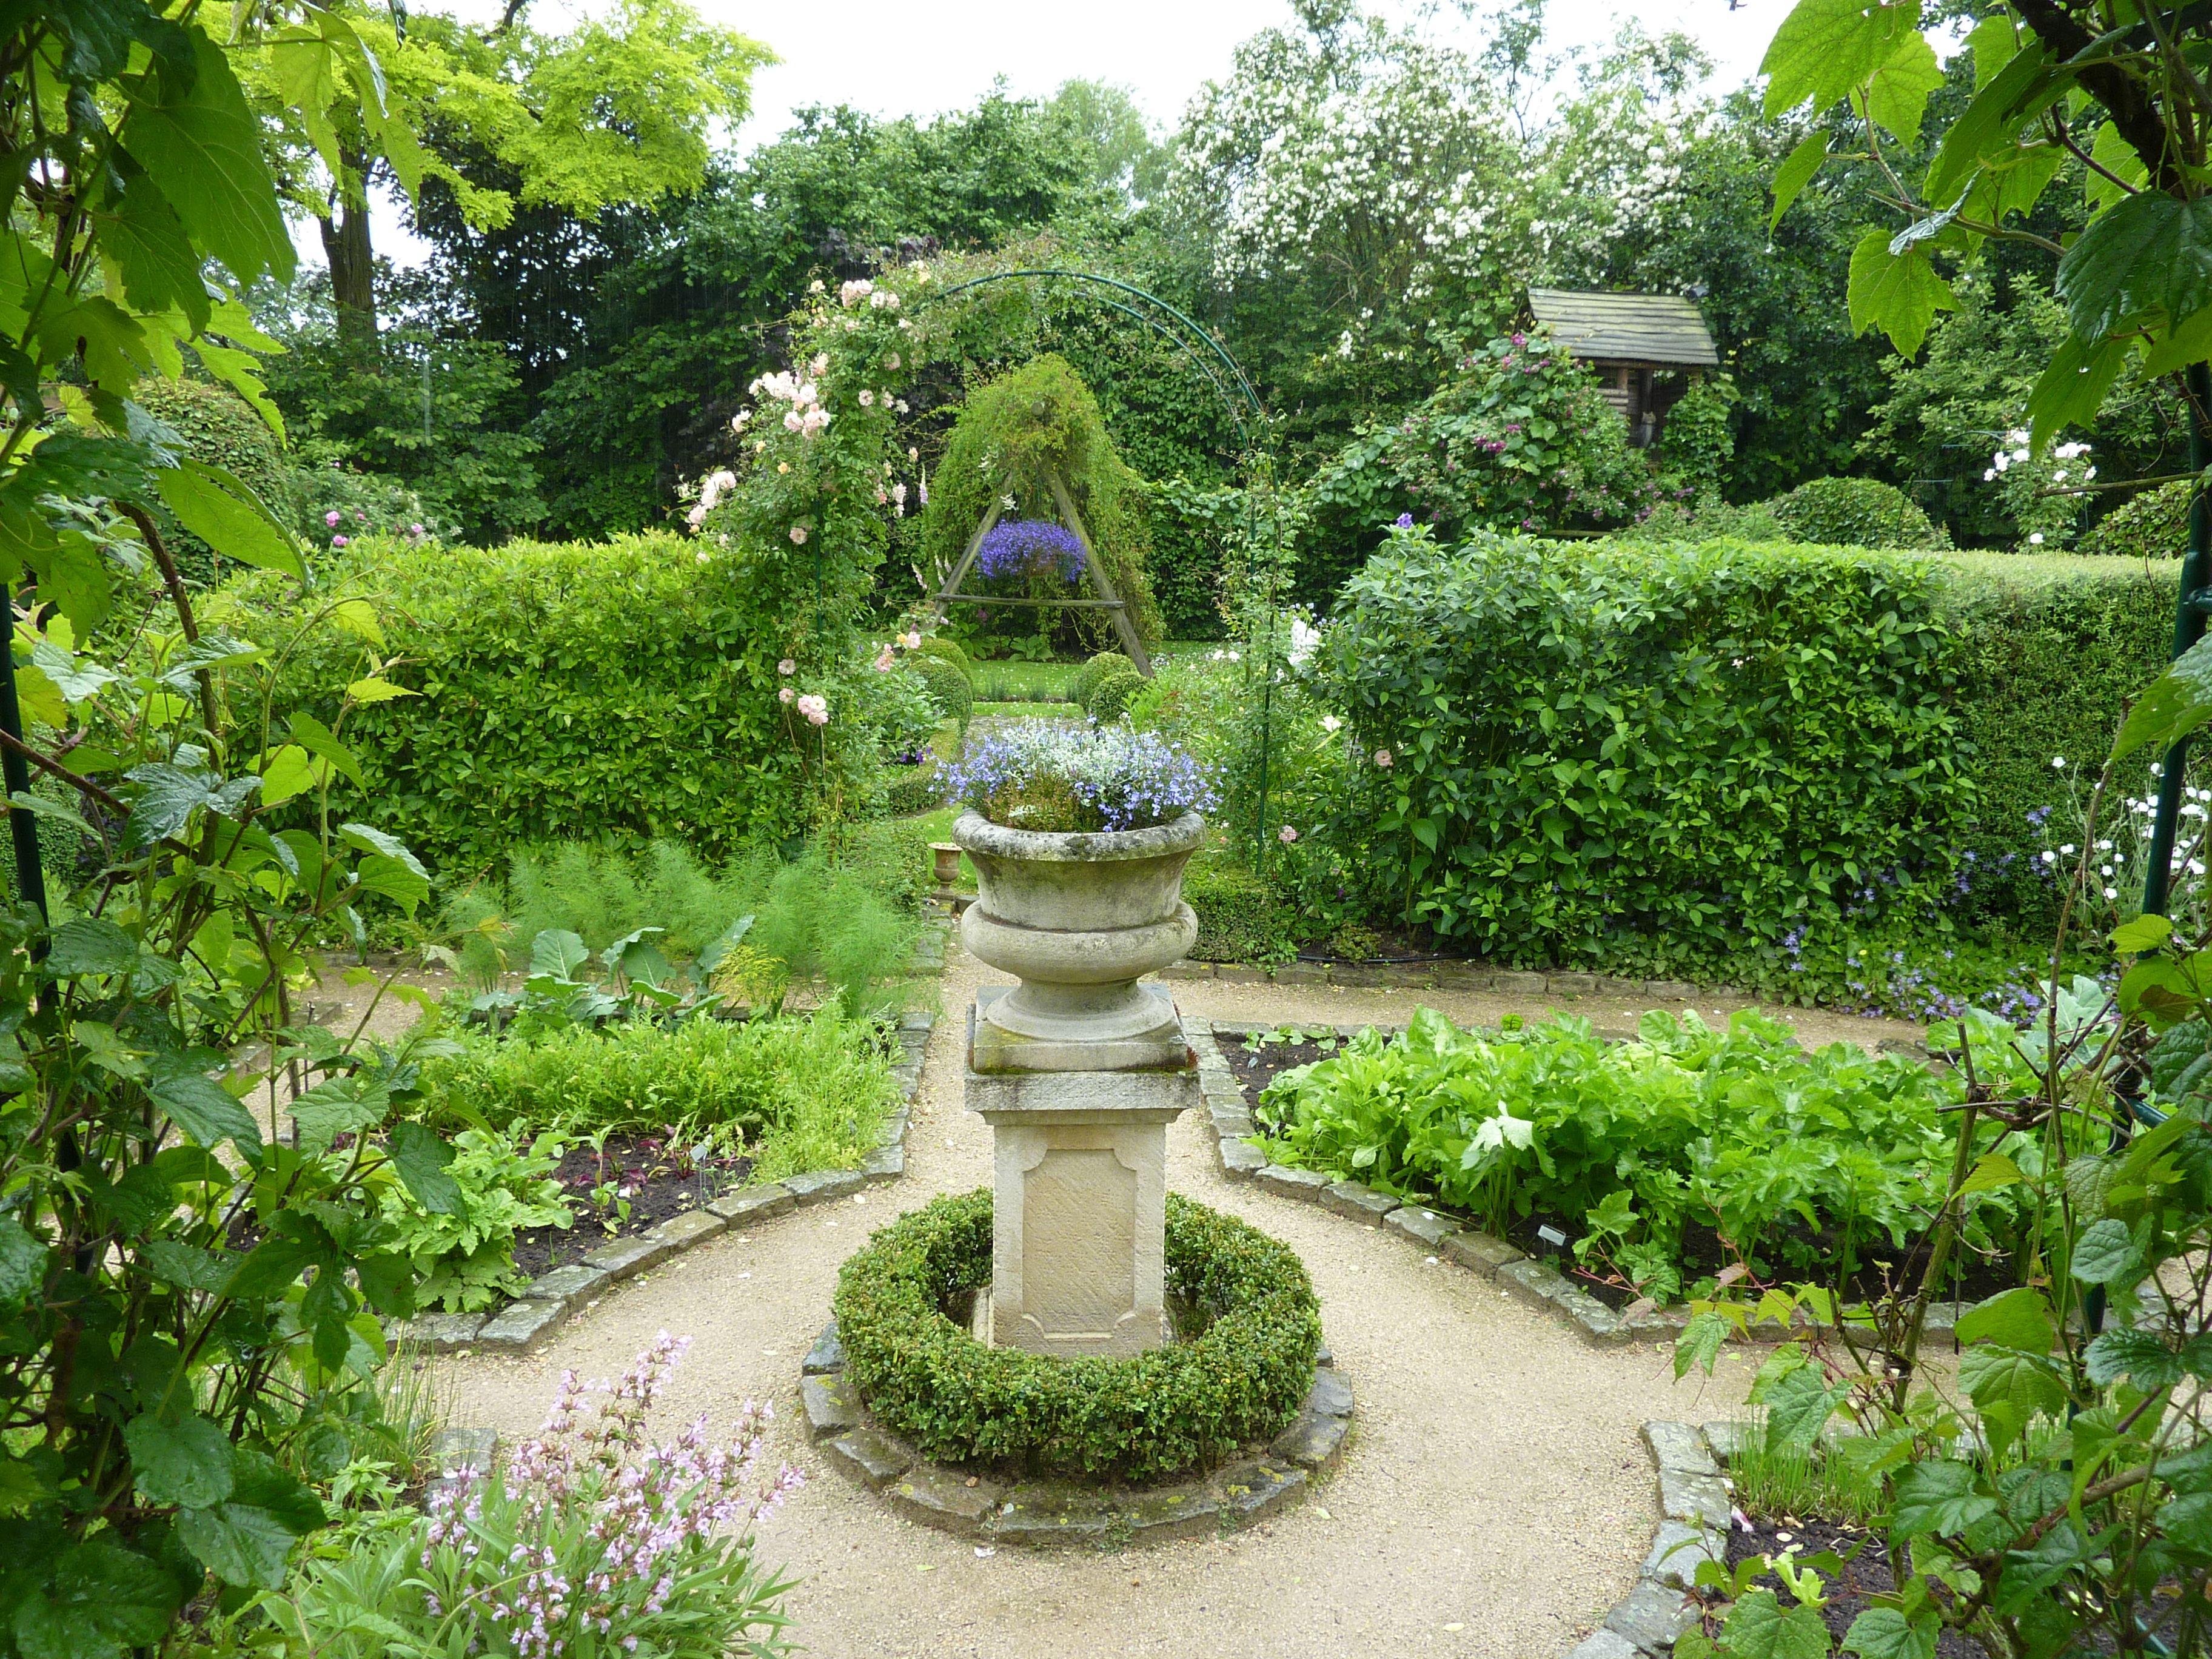 Gemusegarten Gartenreise Holland Jardim